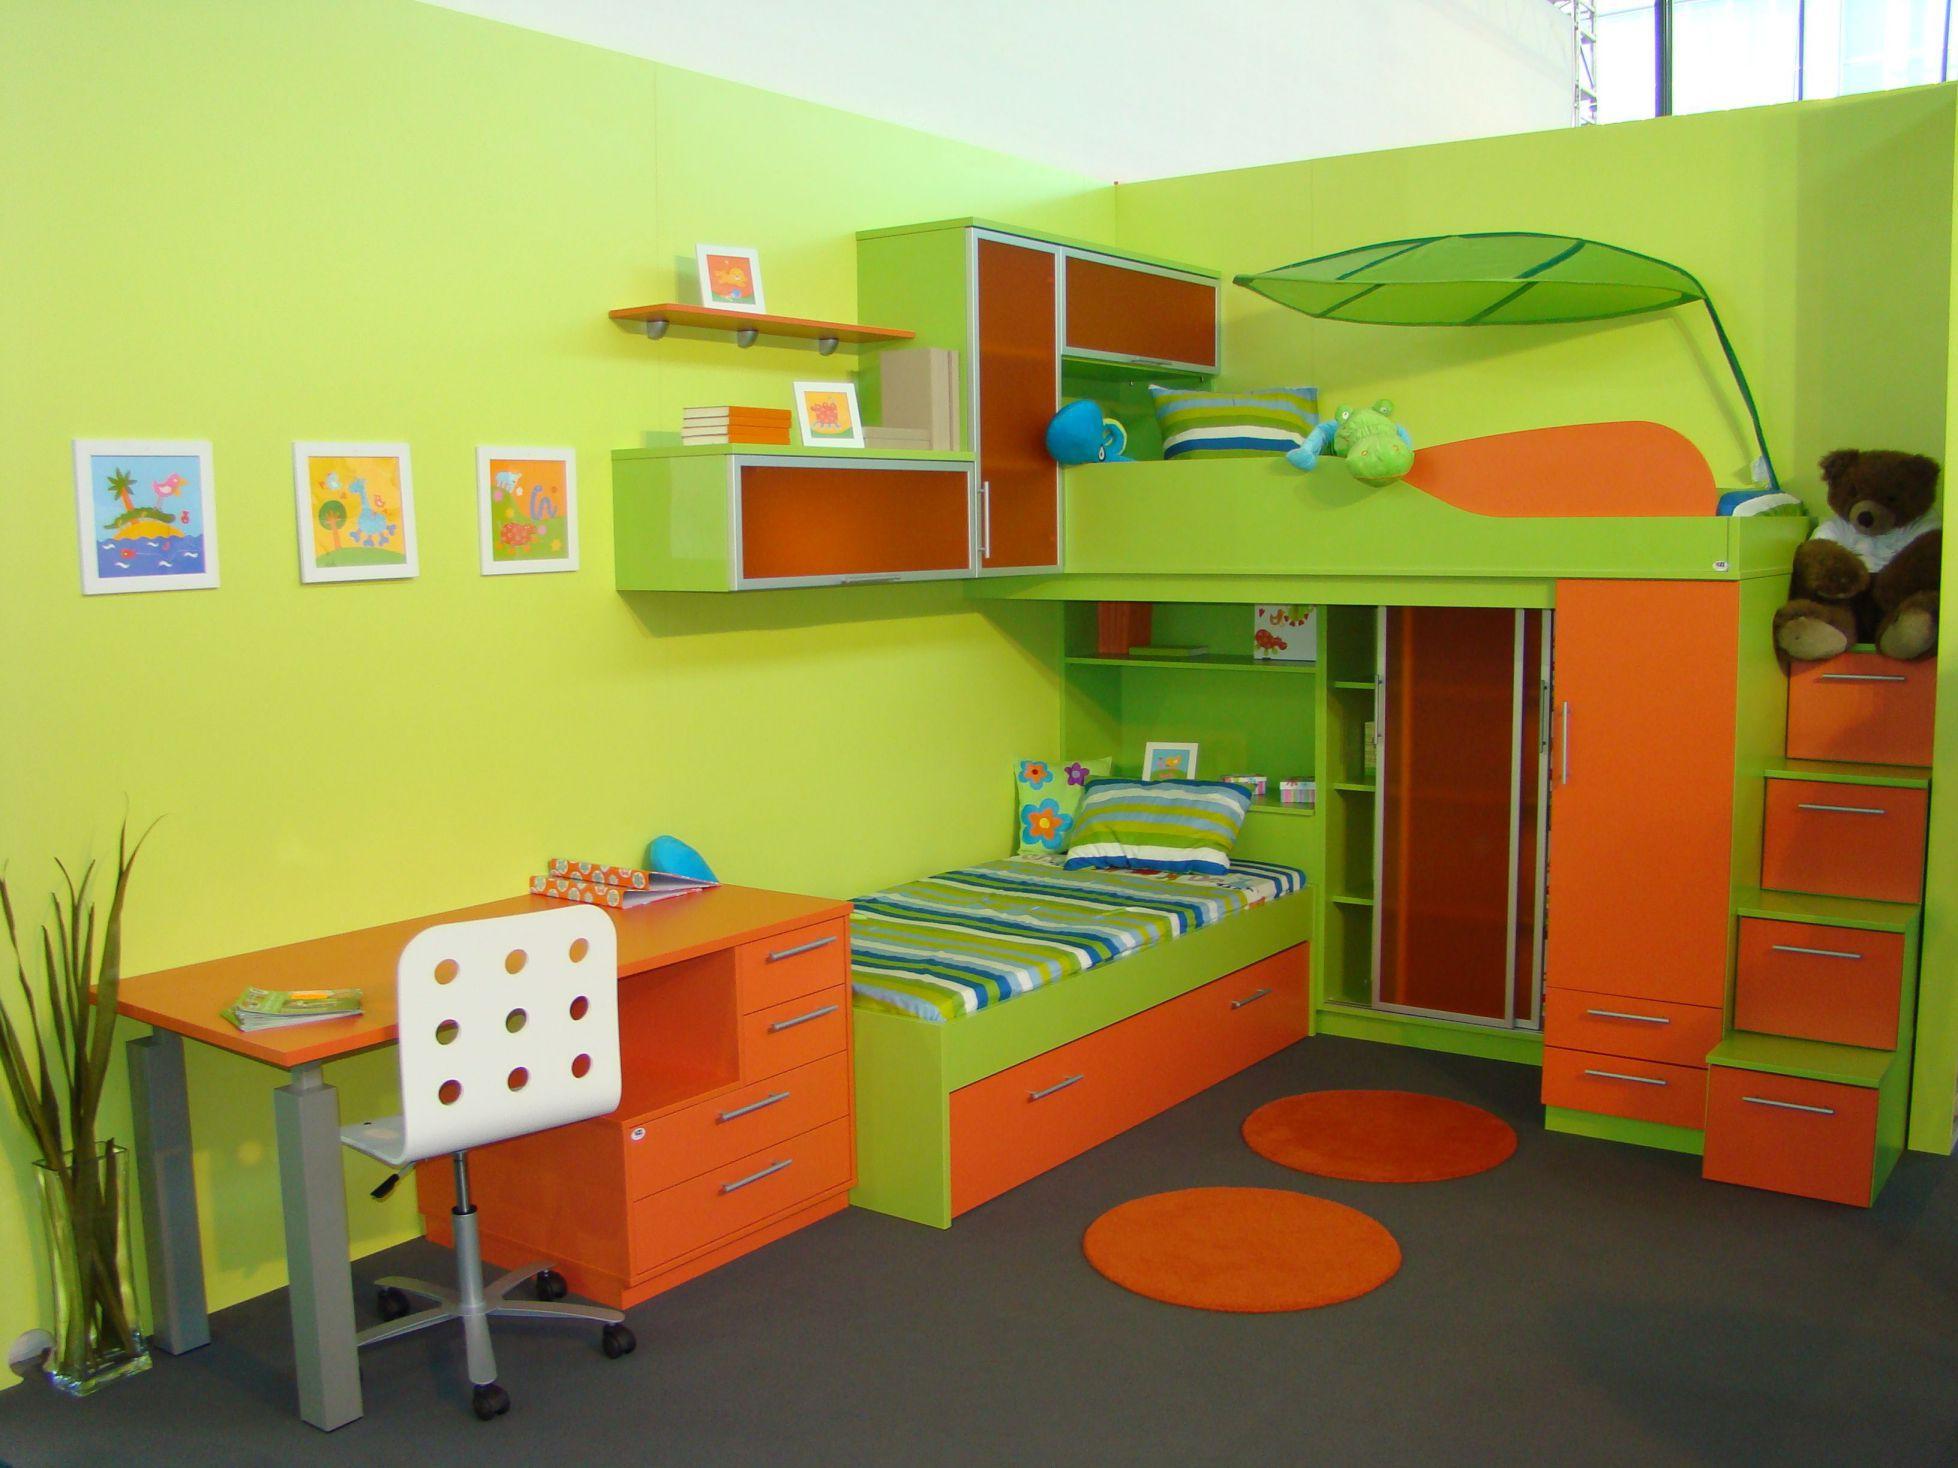 Rezultat iskanja slik za otroška soba